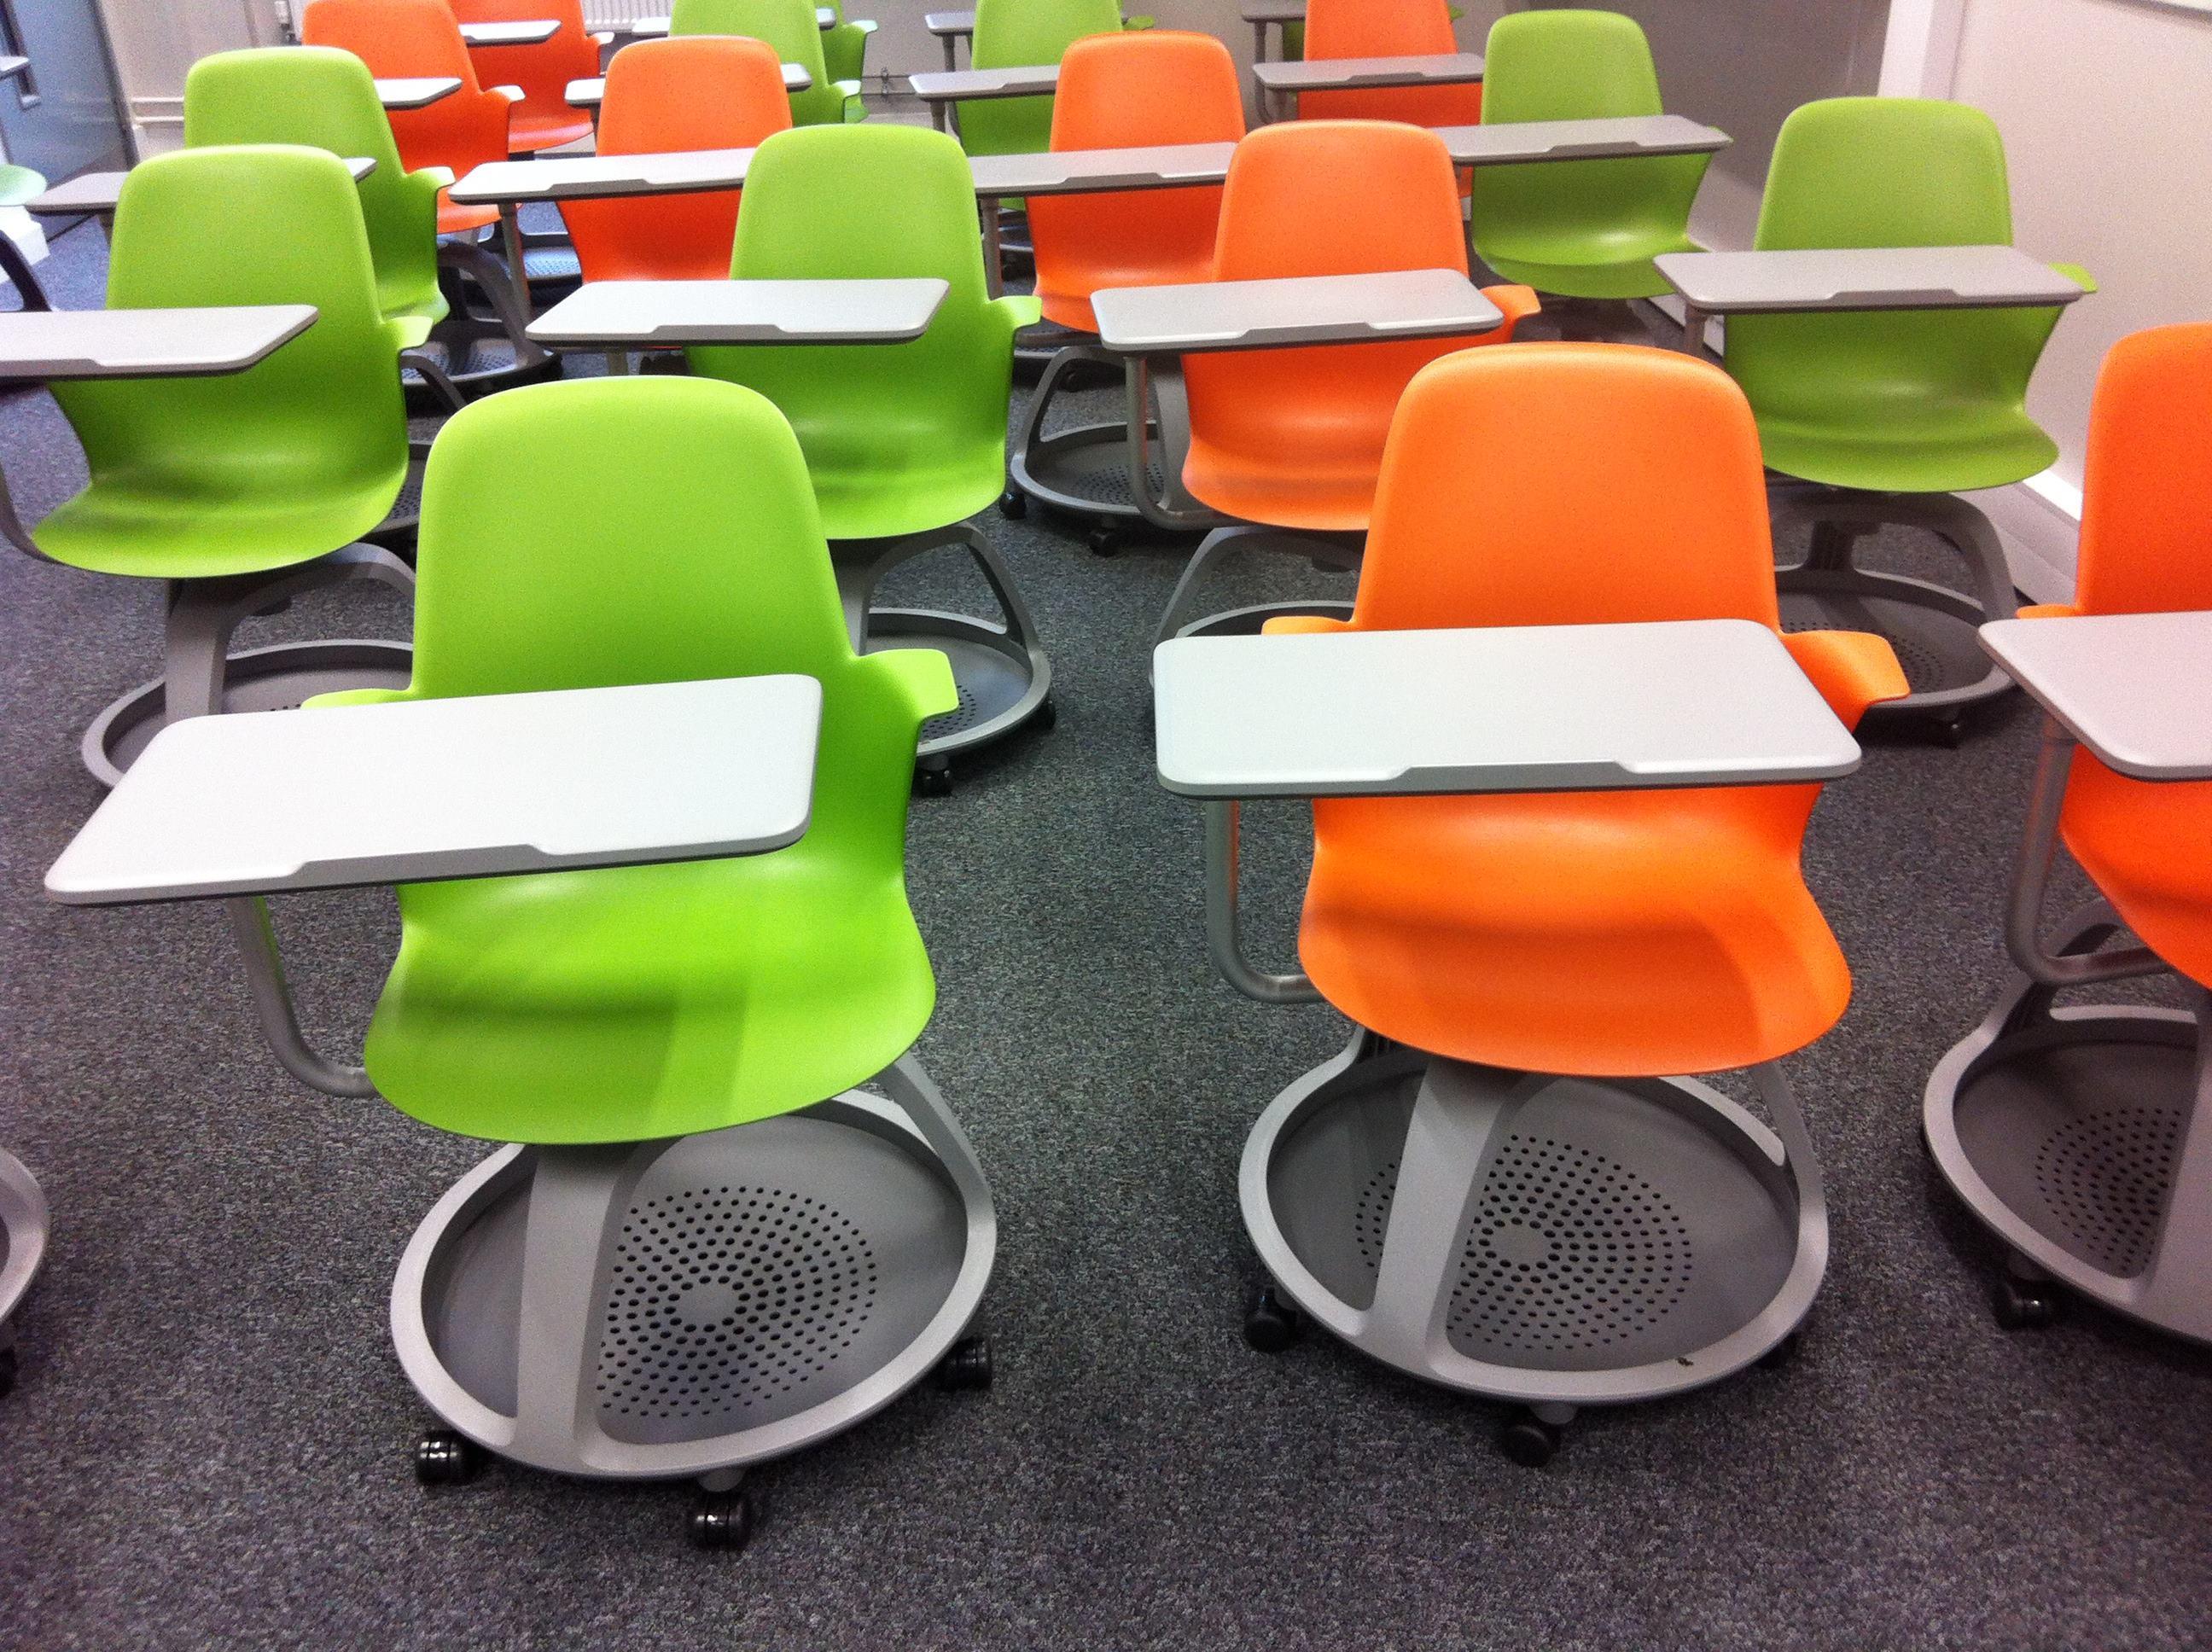 kennt jemand diesen stuhl mit schreibplatte schule wohnung design. Black Bedroom Furniture Sets. Home Design Ideas